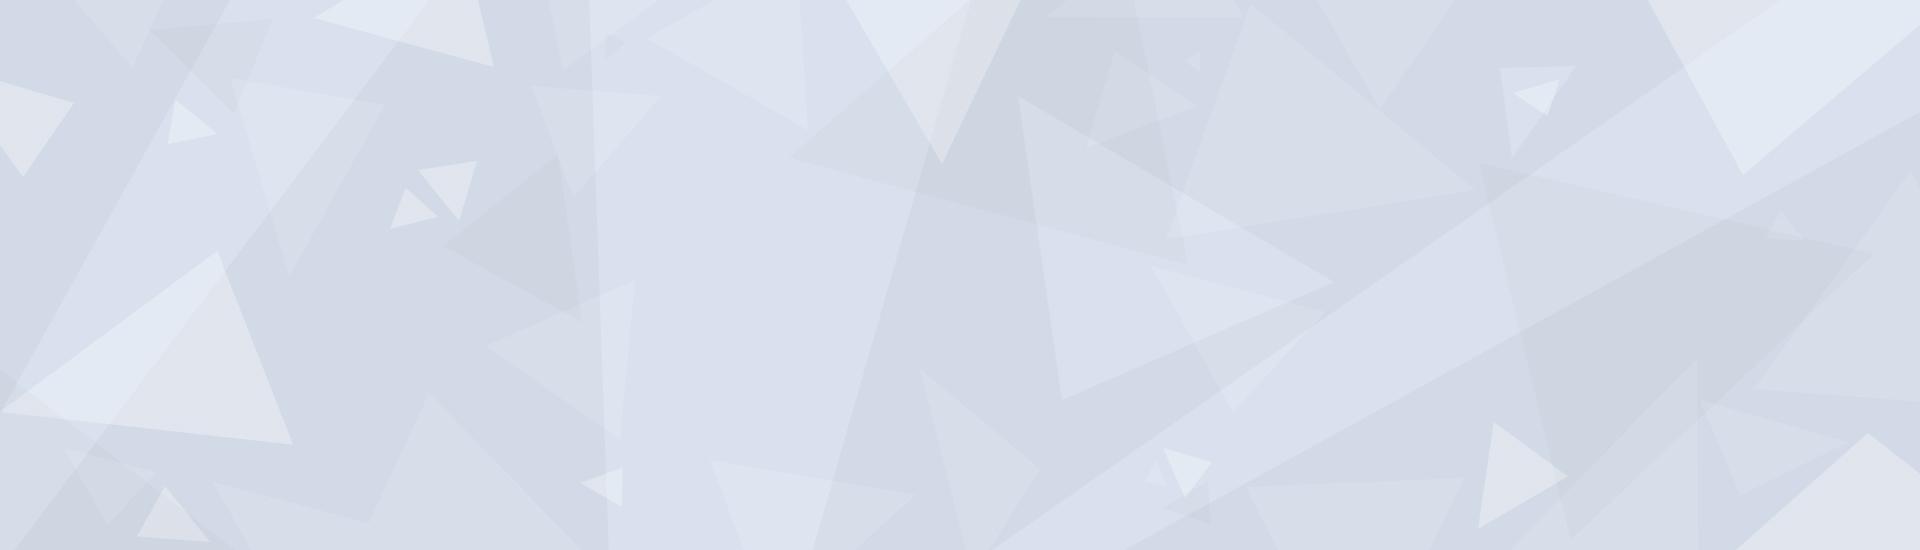 Lagriff - VSLeague Online eSport